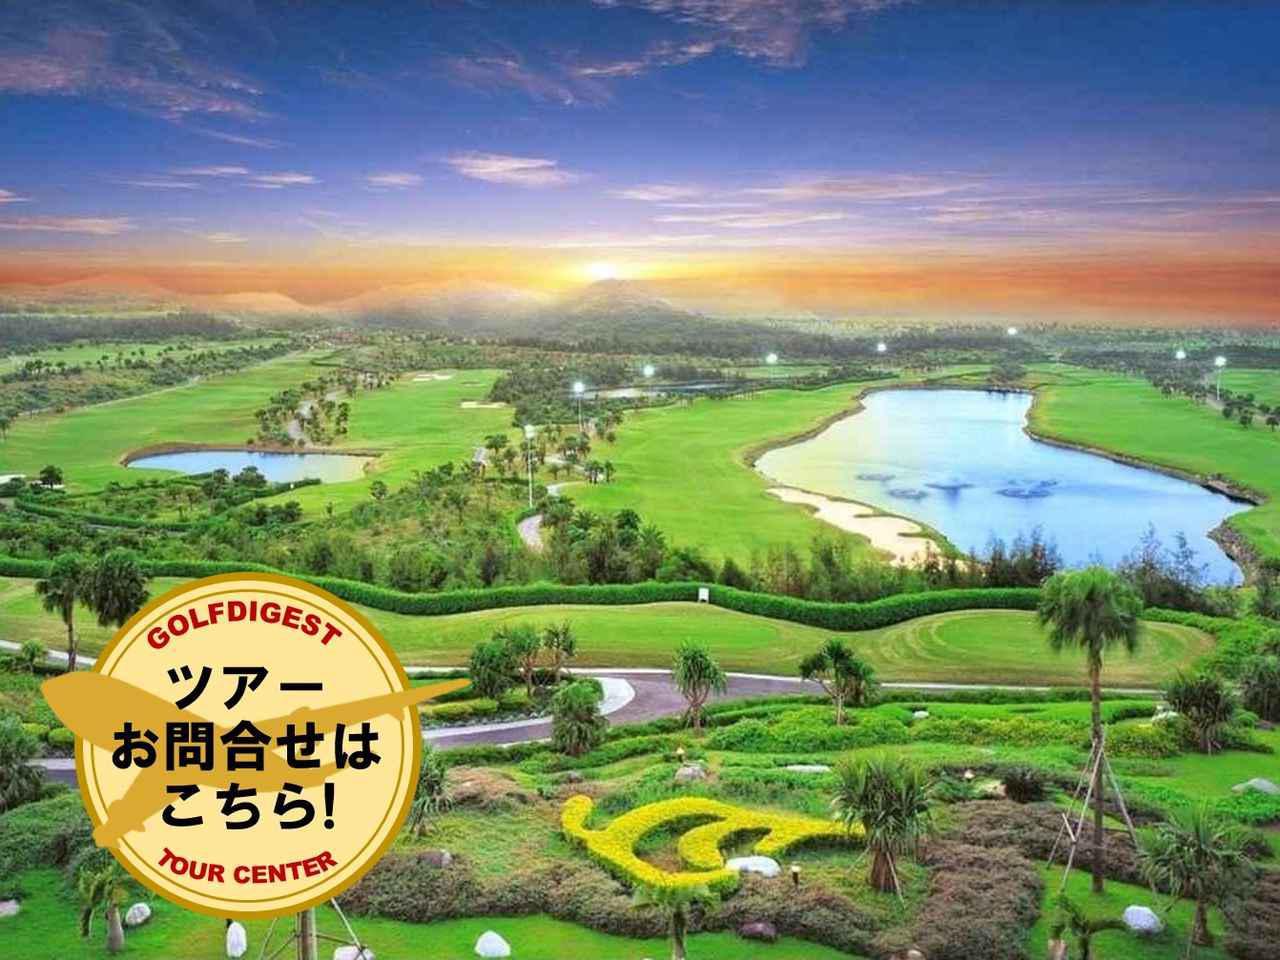 画像: 【台湾・ゴールデンウイーク】成田から3時間40分。シェラトングランドに泊まって名コース巡り GW台北4日間(現地より添乗員同行) - ゴルフへ行こうWEB by ゴルフダイジェスト